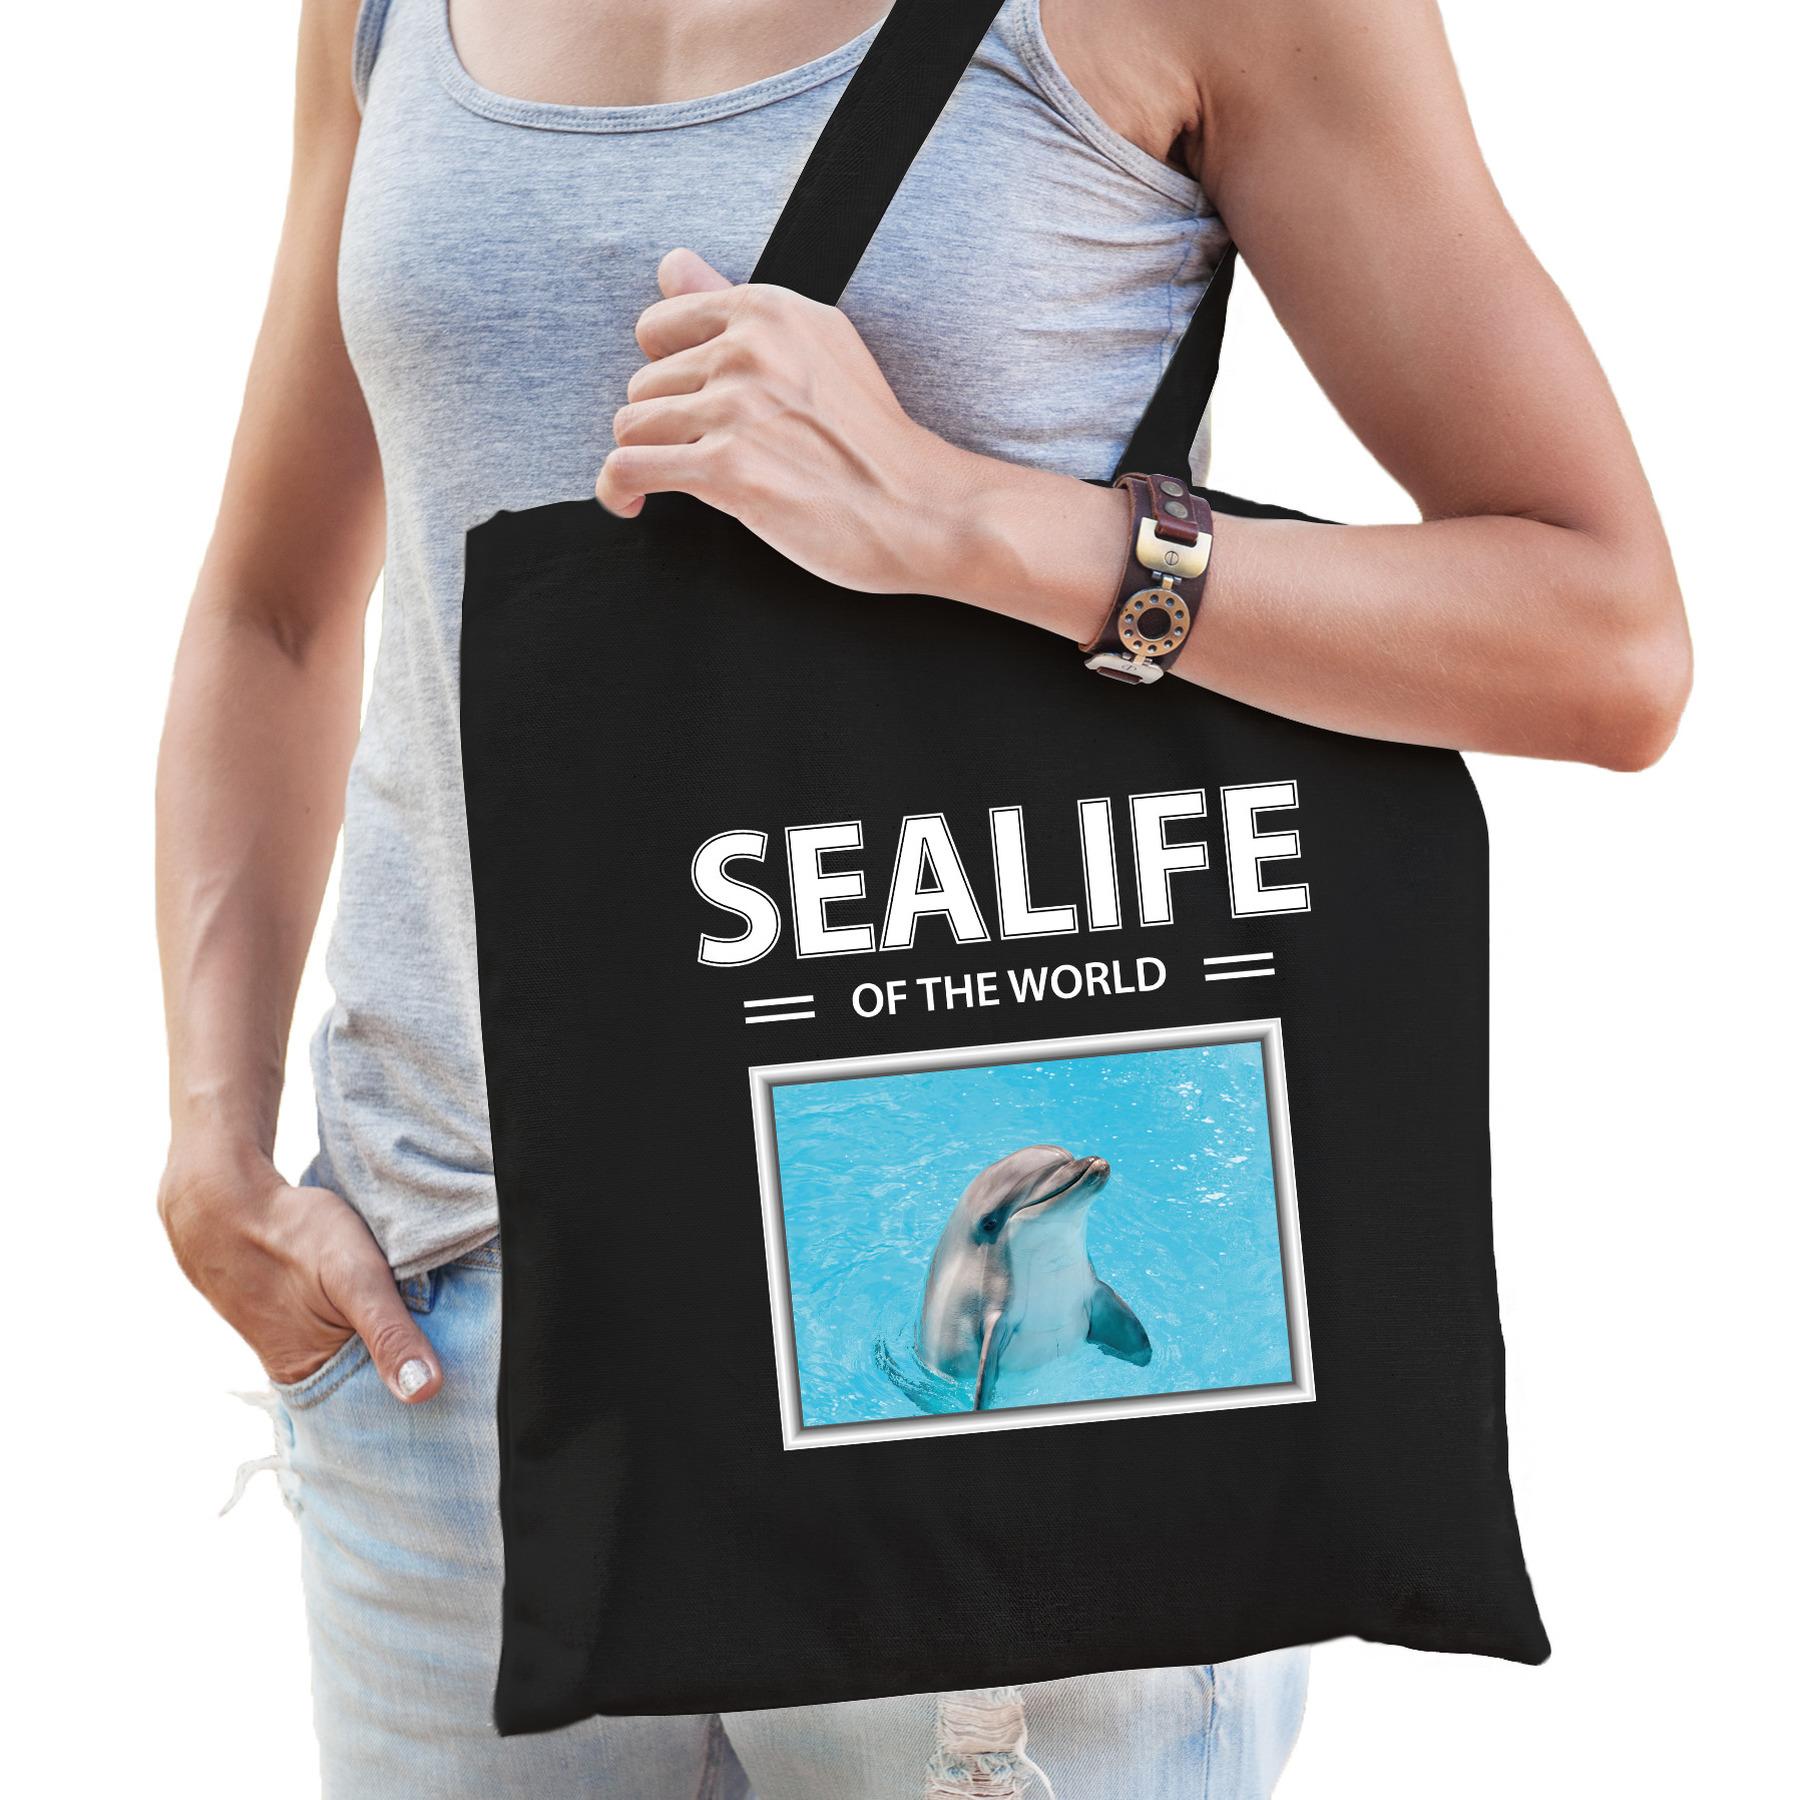 Katoenen tasje dolfijnen zwart - sealife of the world dolfijn cadeau tas